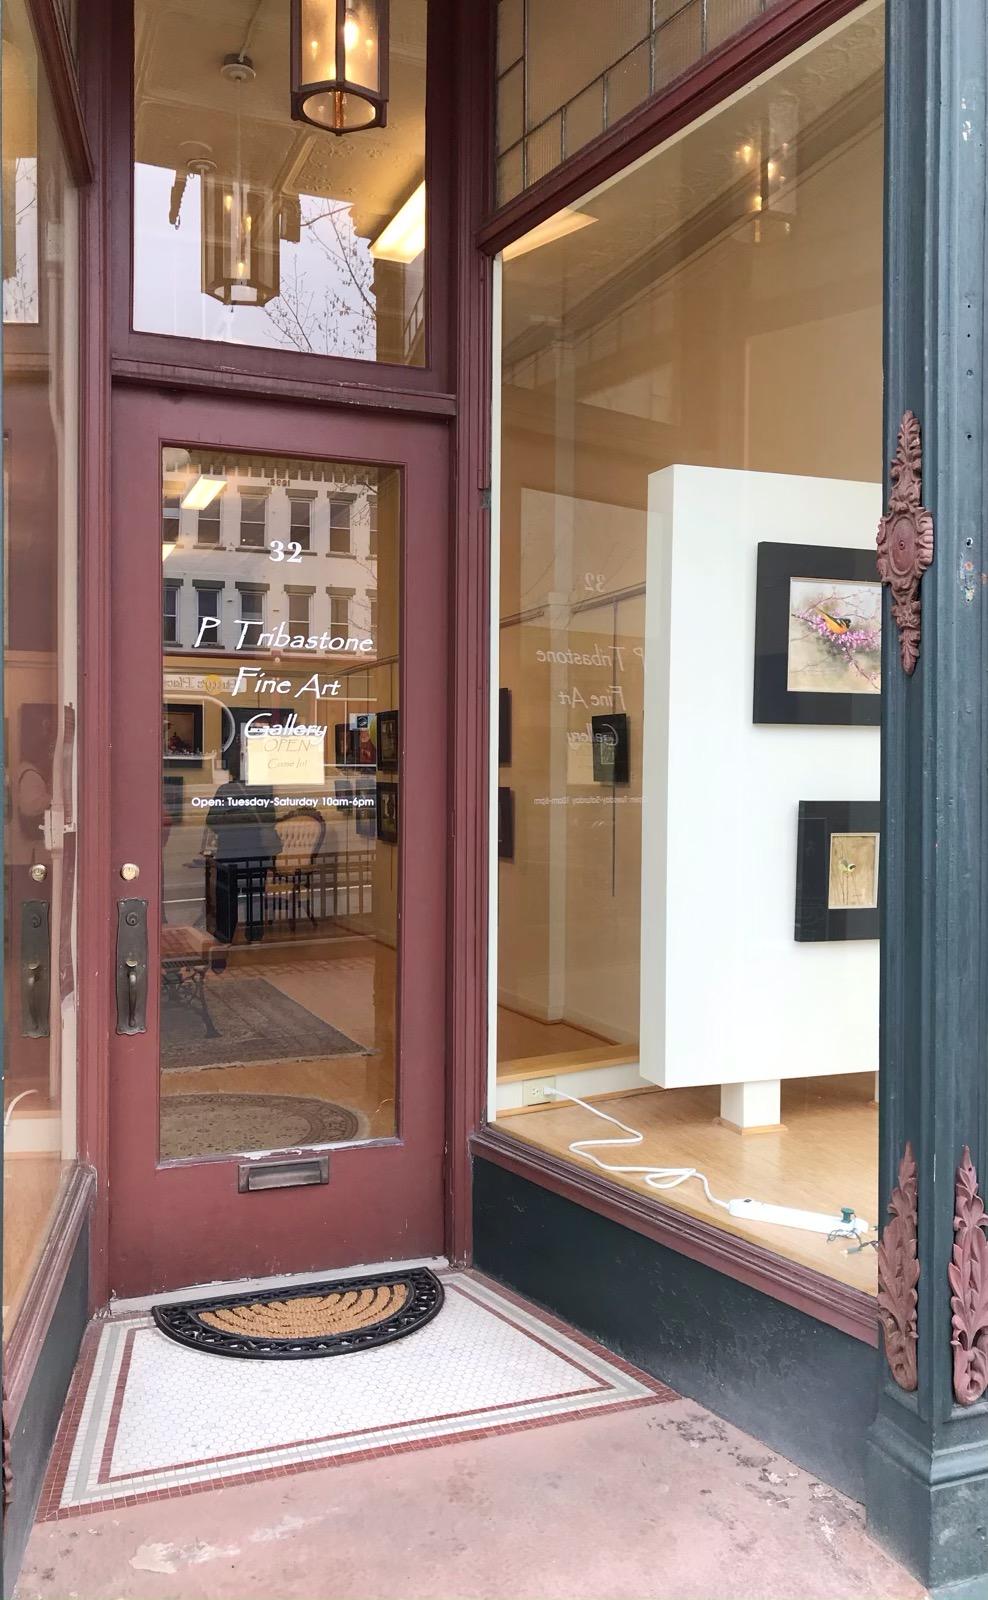 Front door of the gallery with Nancy's work in the front window.